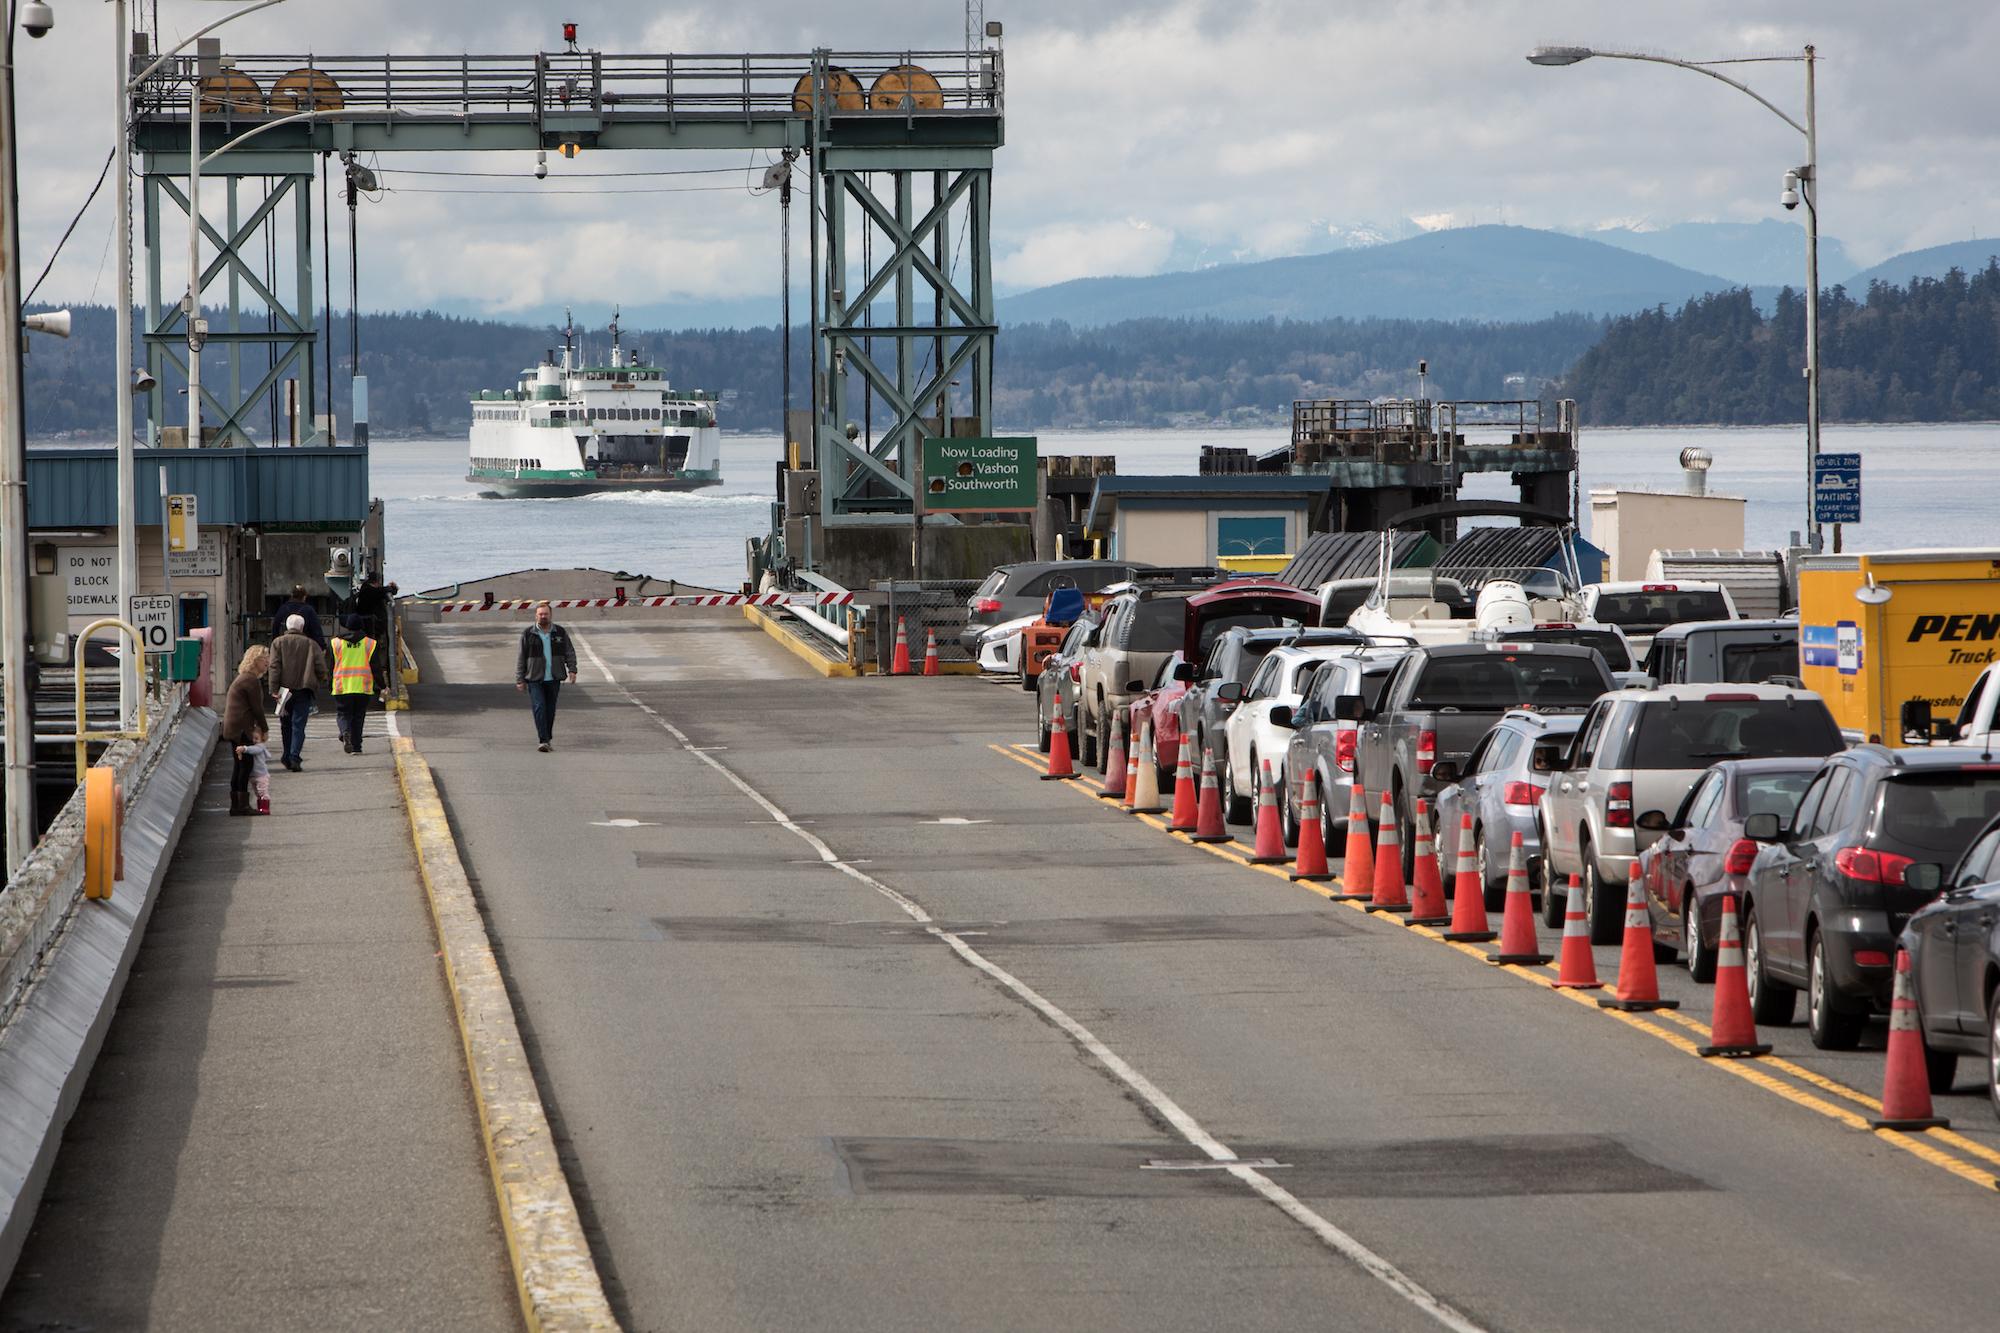 A ferry landing